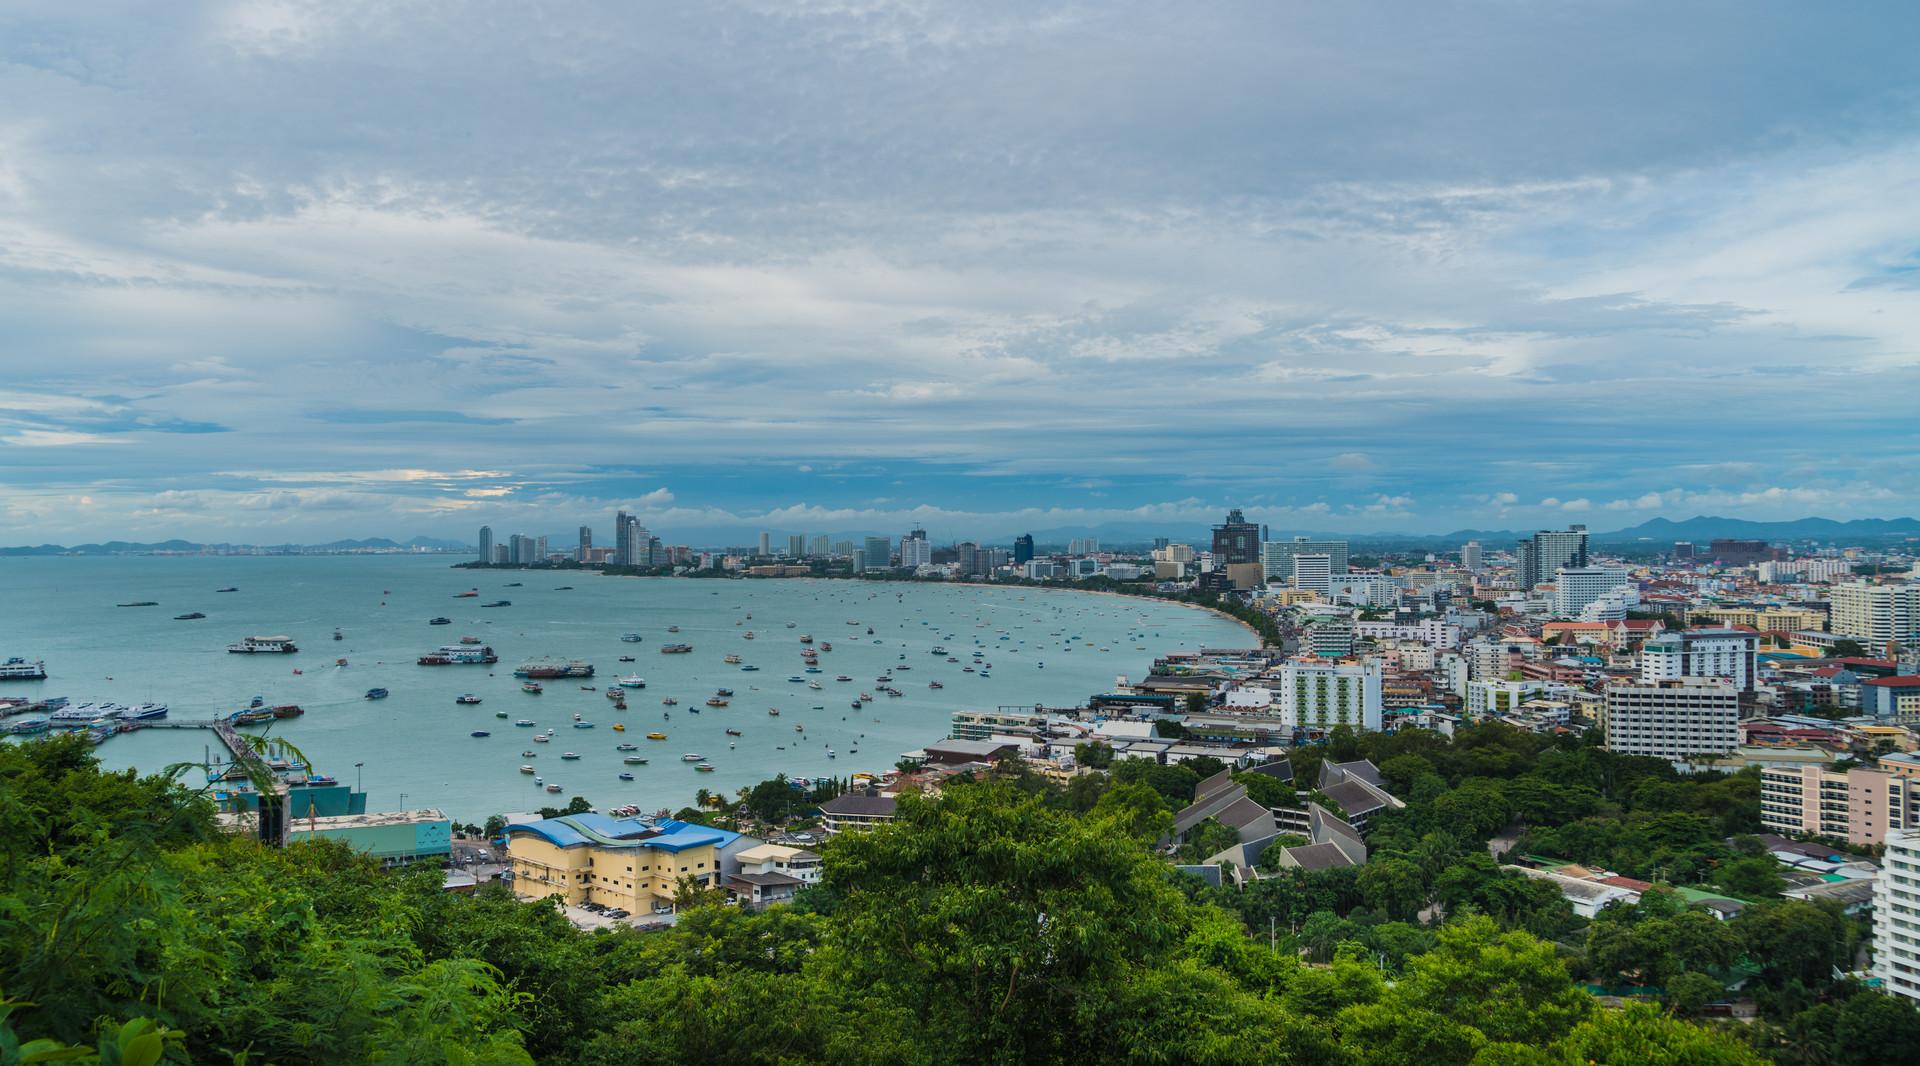 【纯玩】<泰国风情五天纯玩团>全程无自费 尊享摩天轮 畅游最大夜市 豪华客机往返